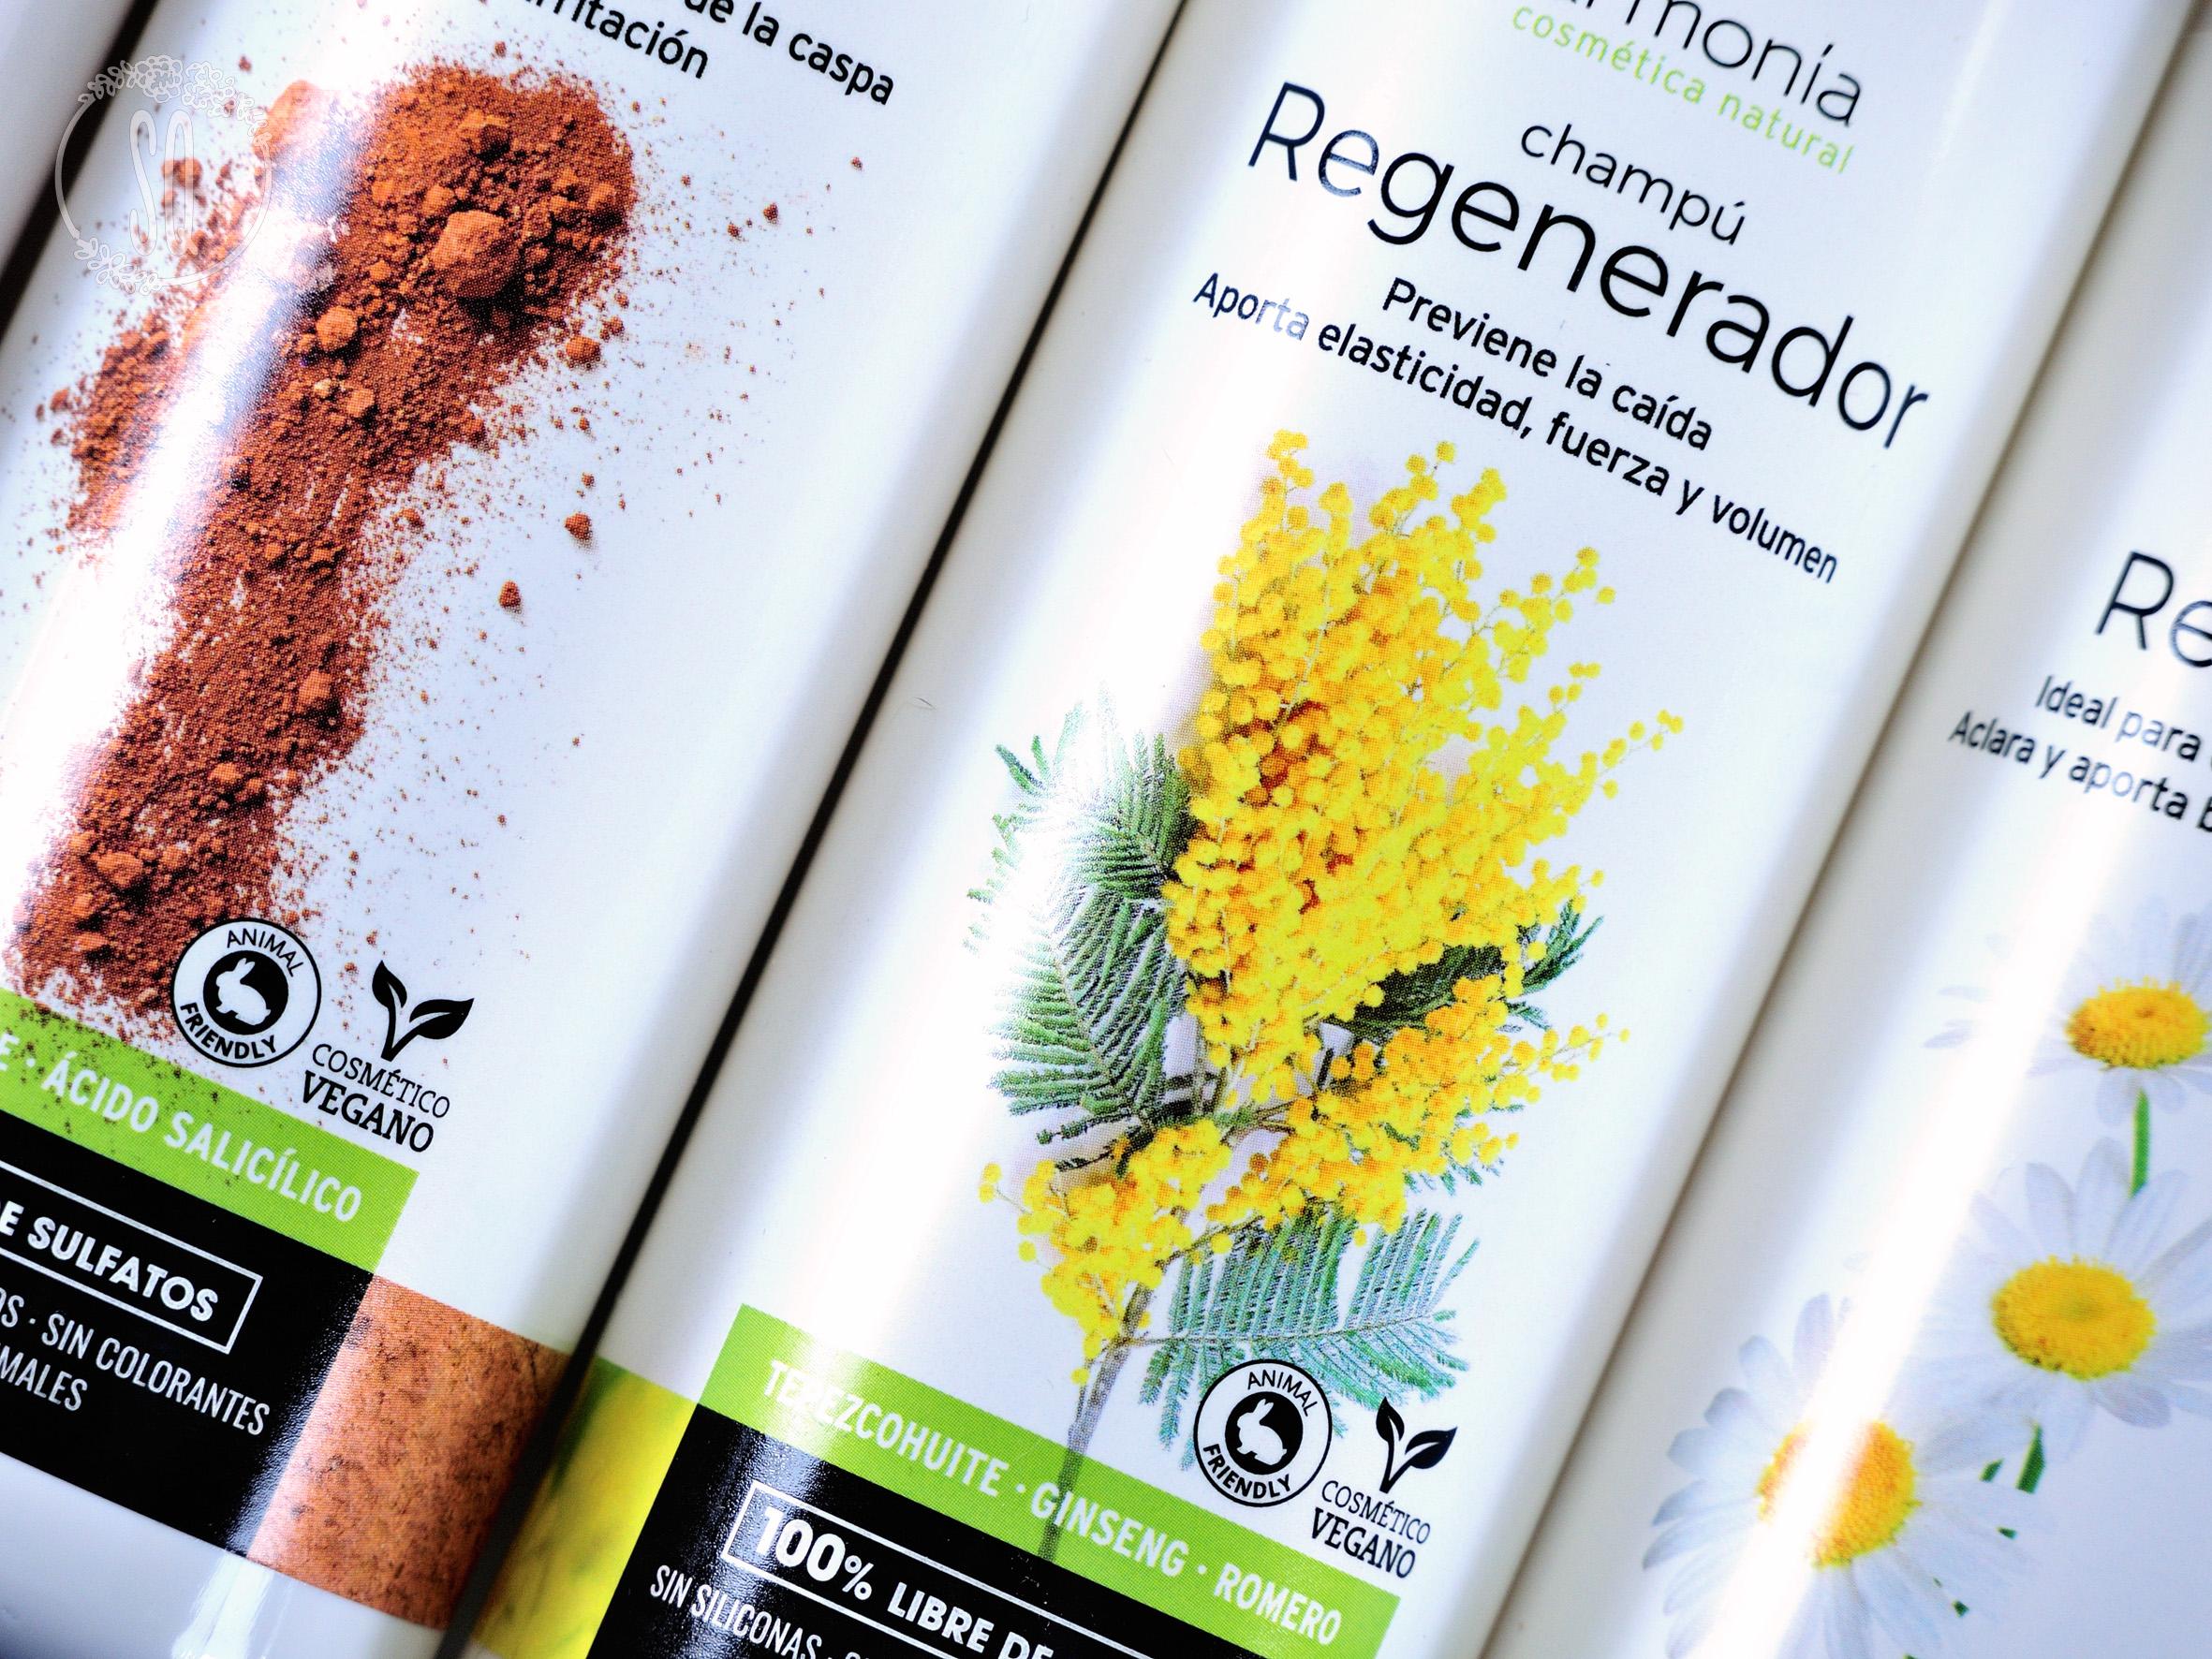 Opciones de champús naturales de Armonia cosmética natural